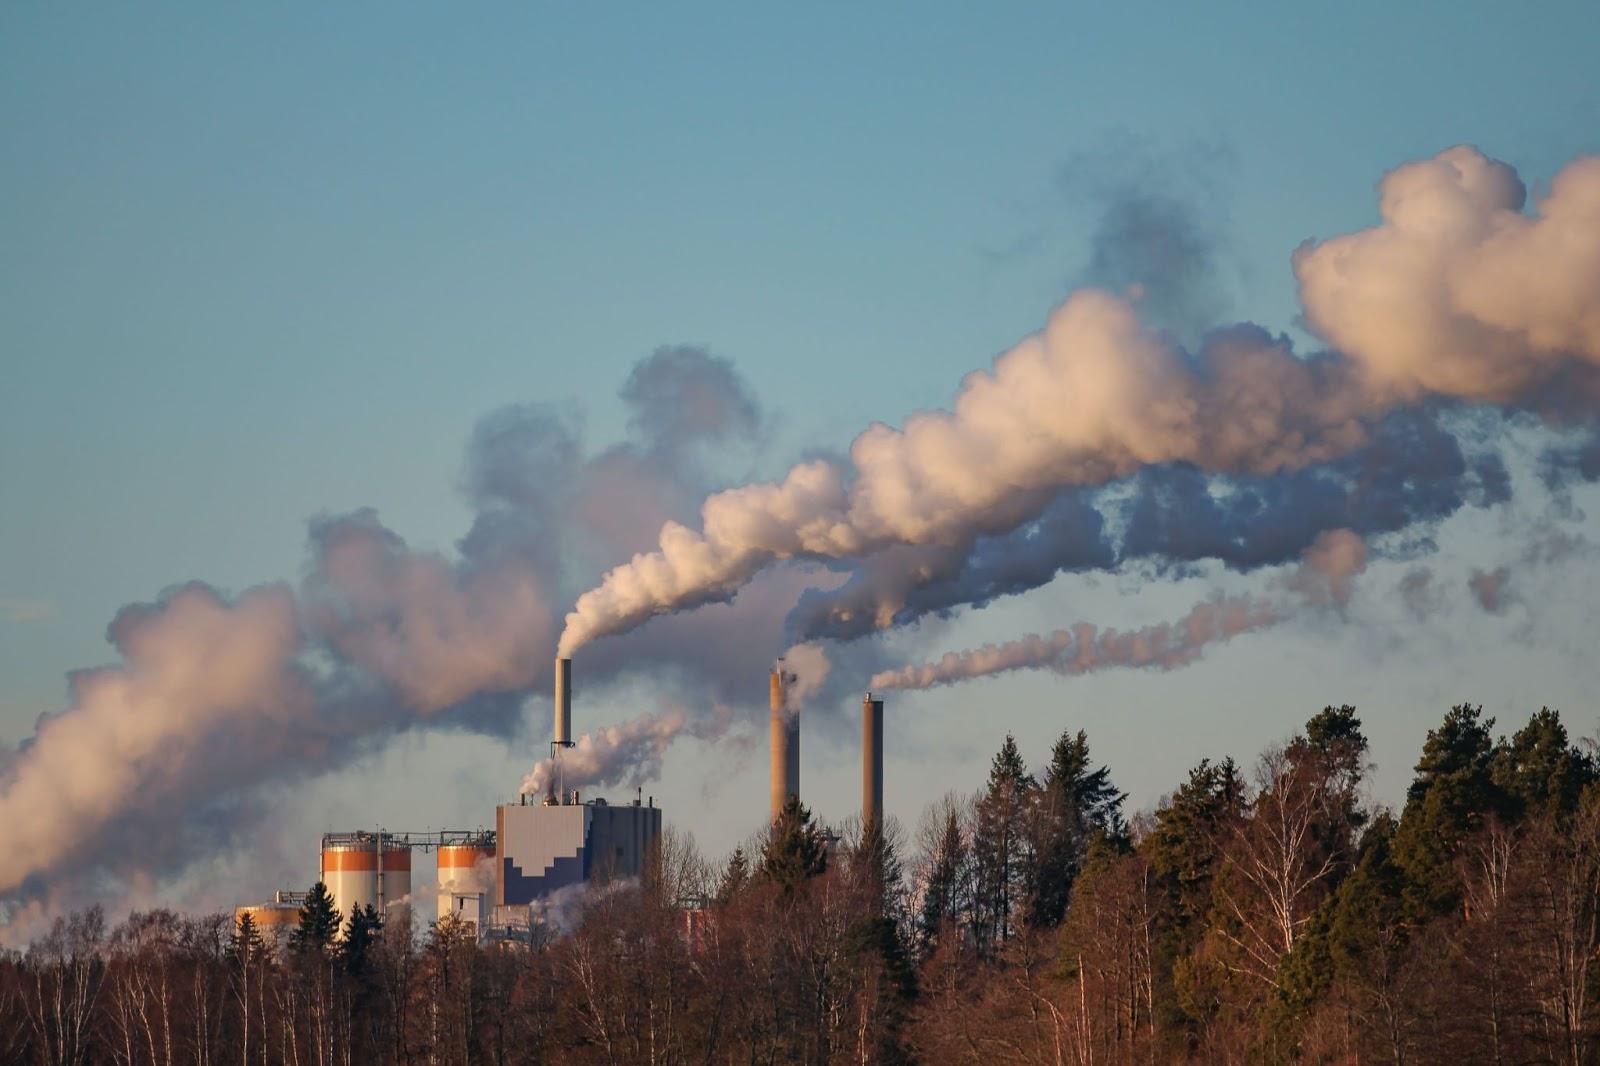 Plusieurs cheminées d'usines qui émettent des nuages blancs de gaz à effet de serre